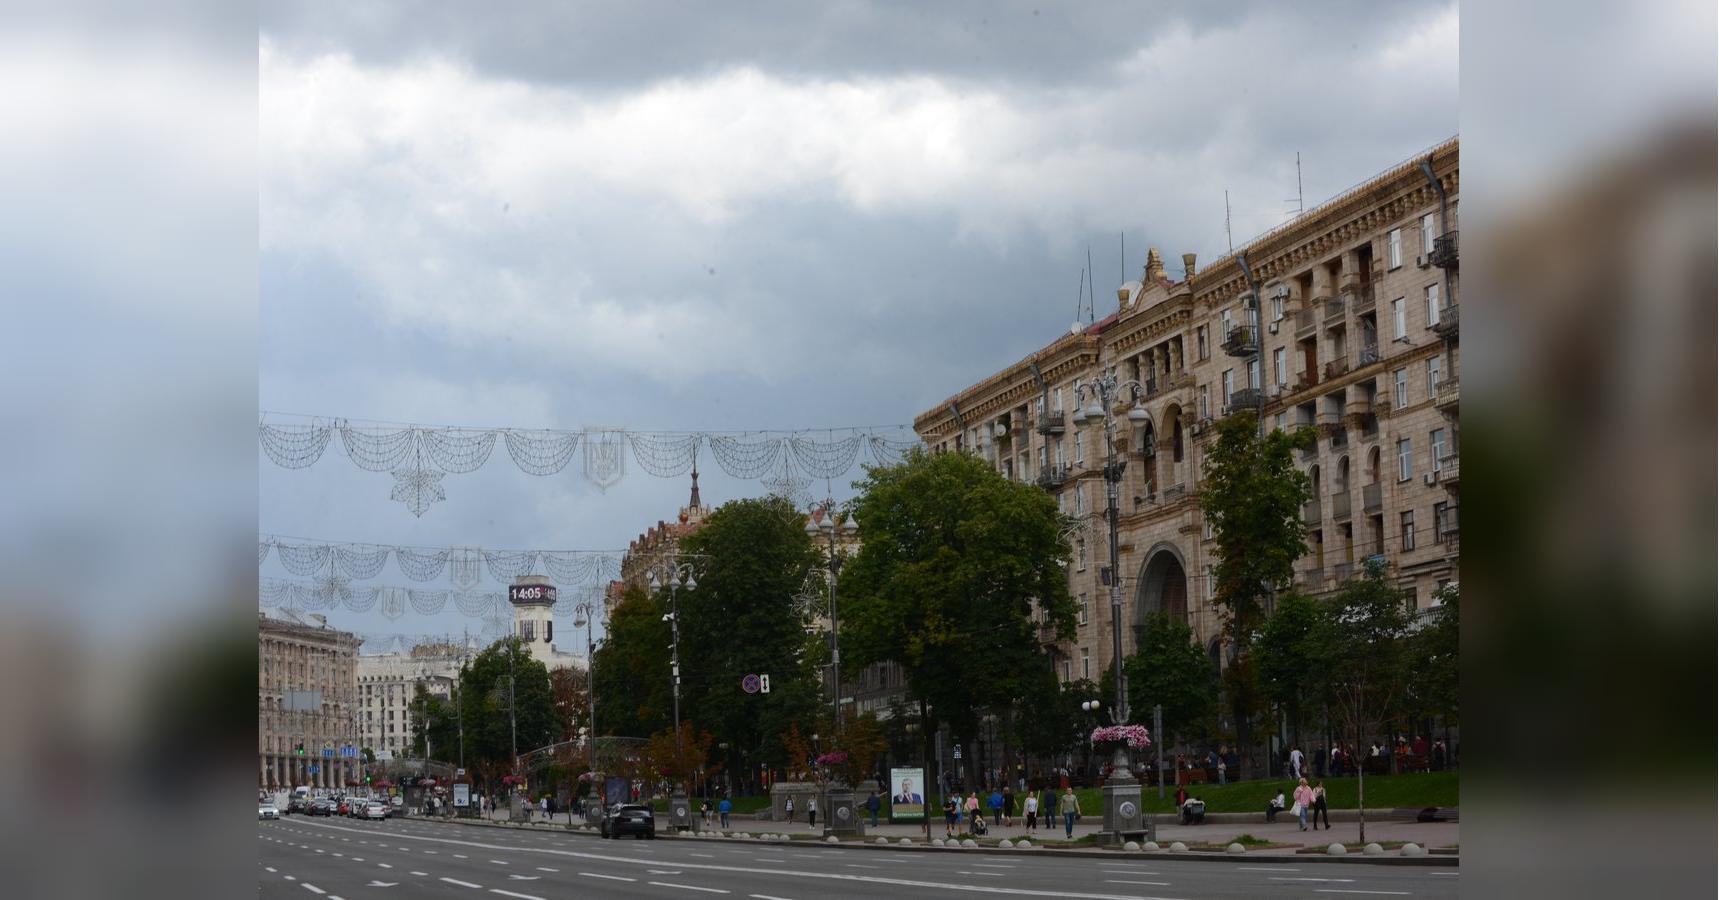 Дожди не уйдут, но потеплеет: синоптики уточнили прогноз на последние